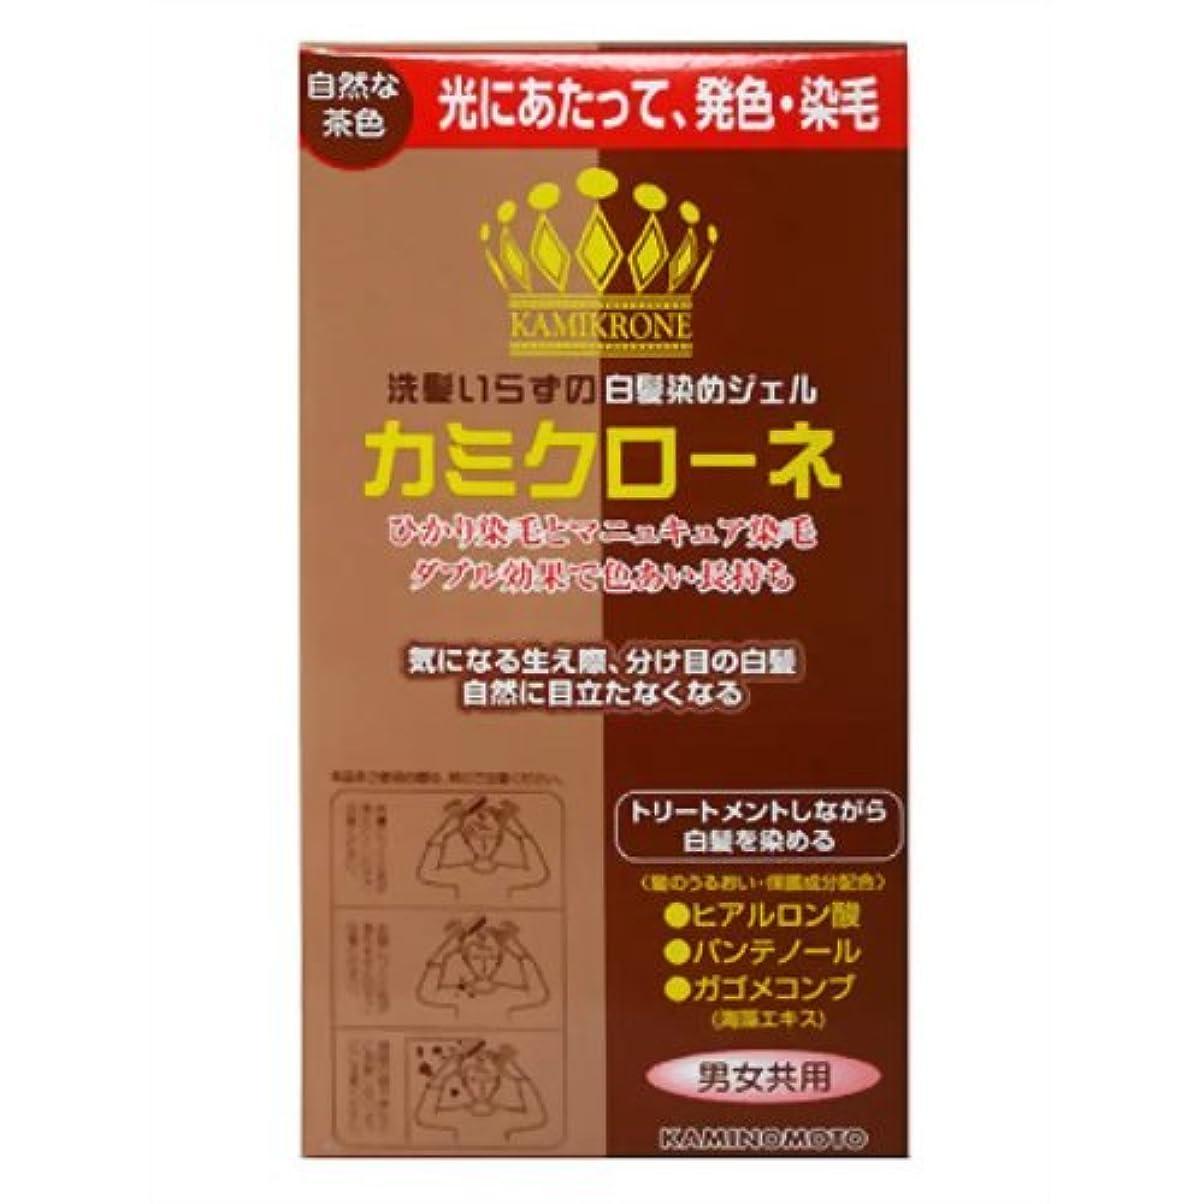 に勝る理想的スリンク加美乃素 カミクローネ 自然な茶色 80ml